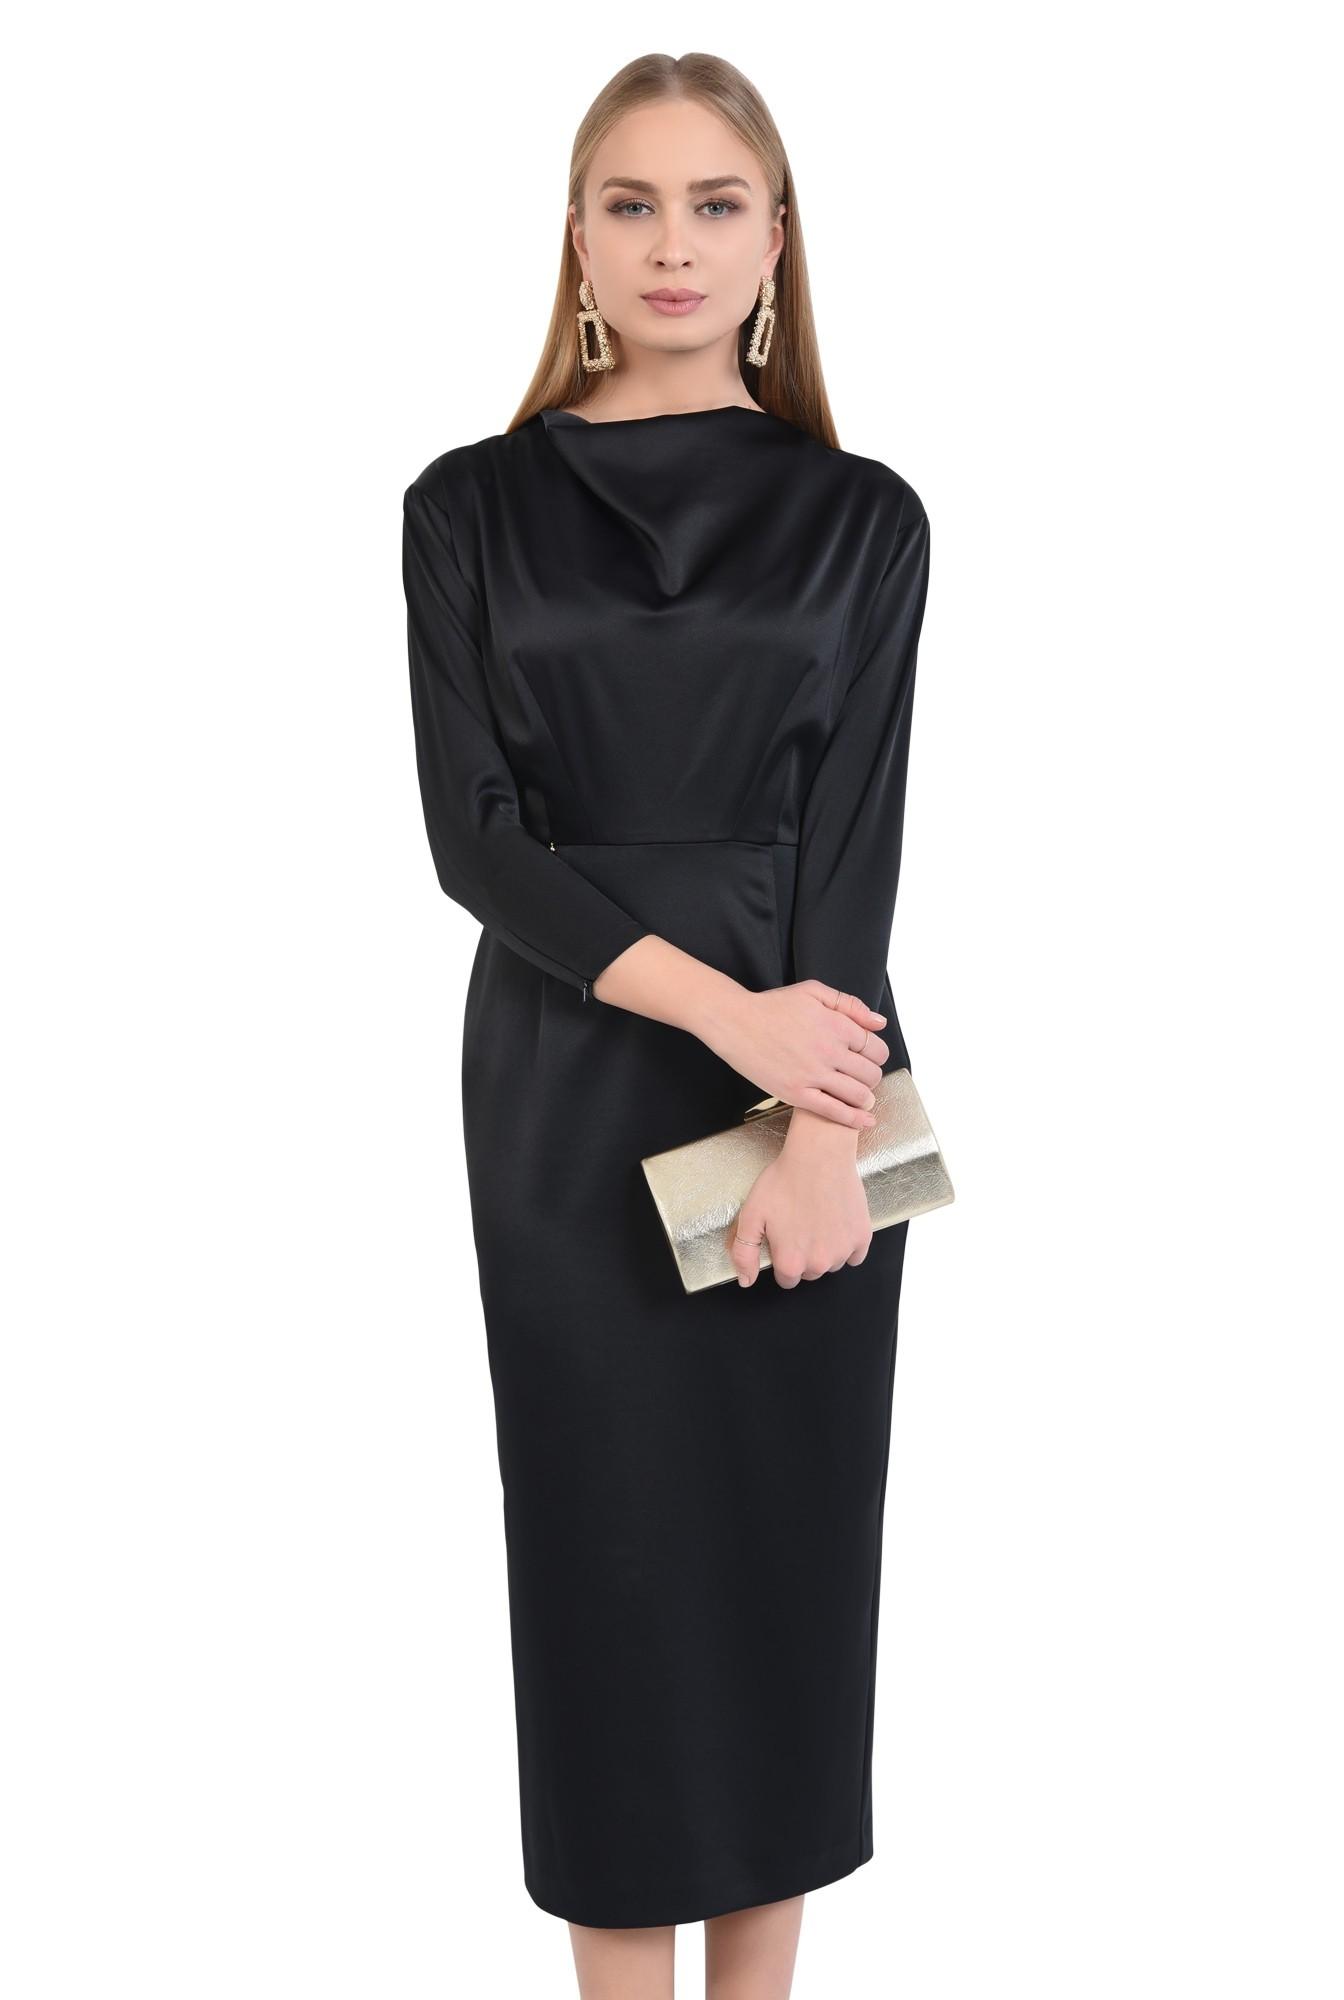 0 - rochie de ocazie, neagra, lunga, cambrata, drapata la decolteu